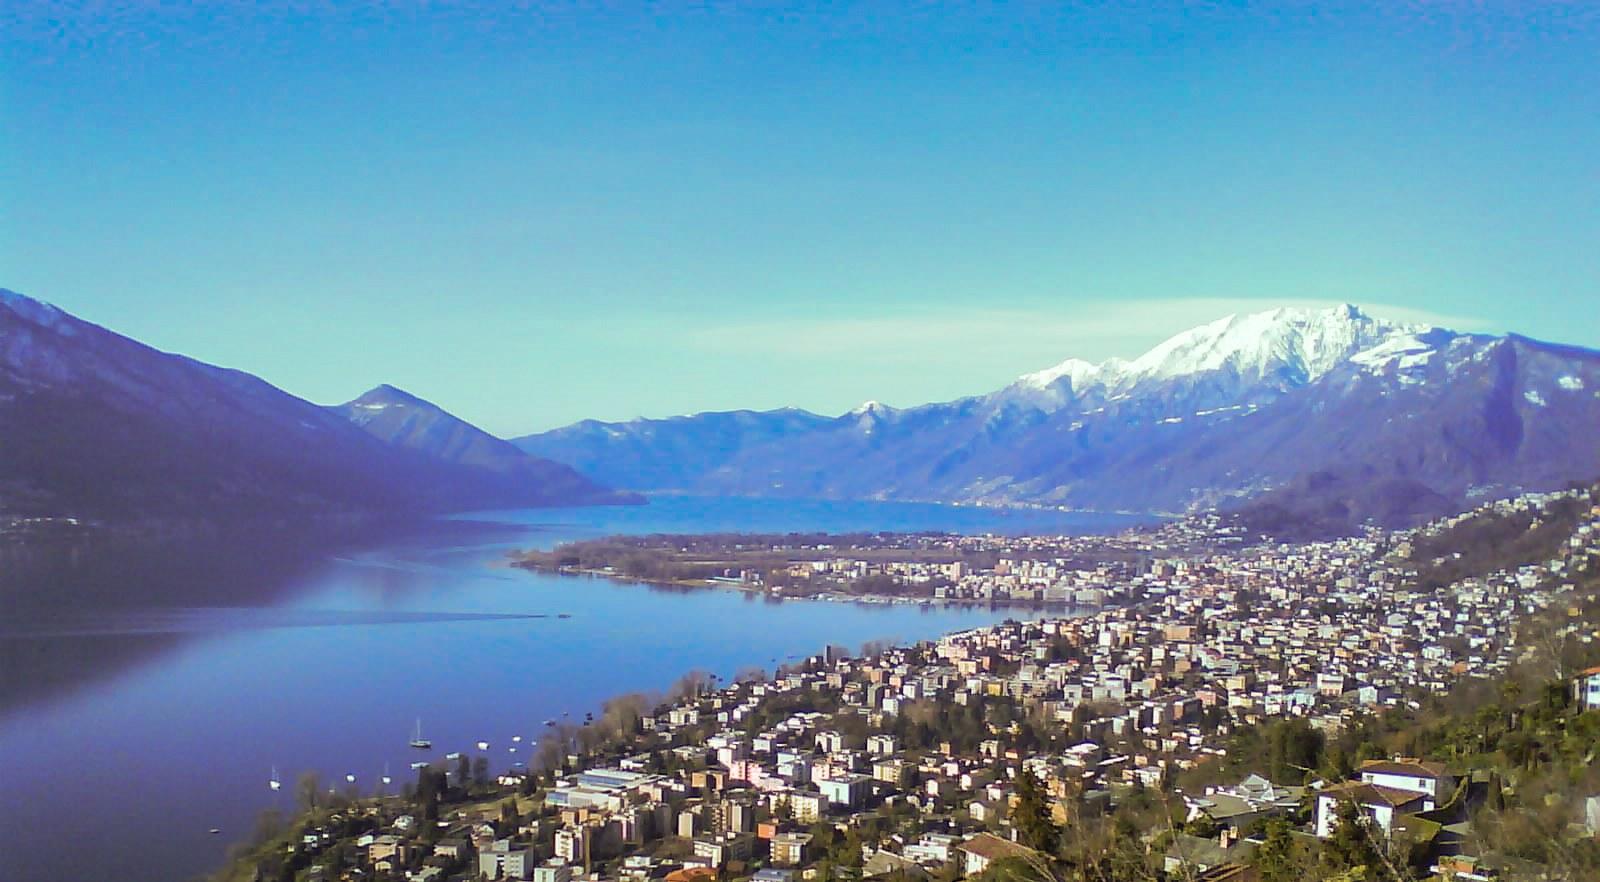 Karte Lago Maggiore Und Umgebung.Lago Maggiore Reisefuhrer Auf Wikivoyage